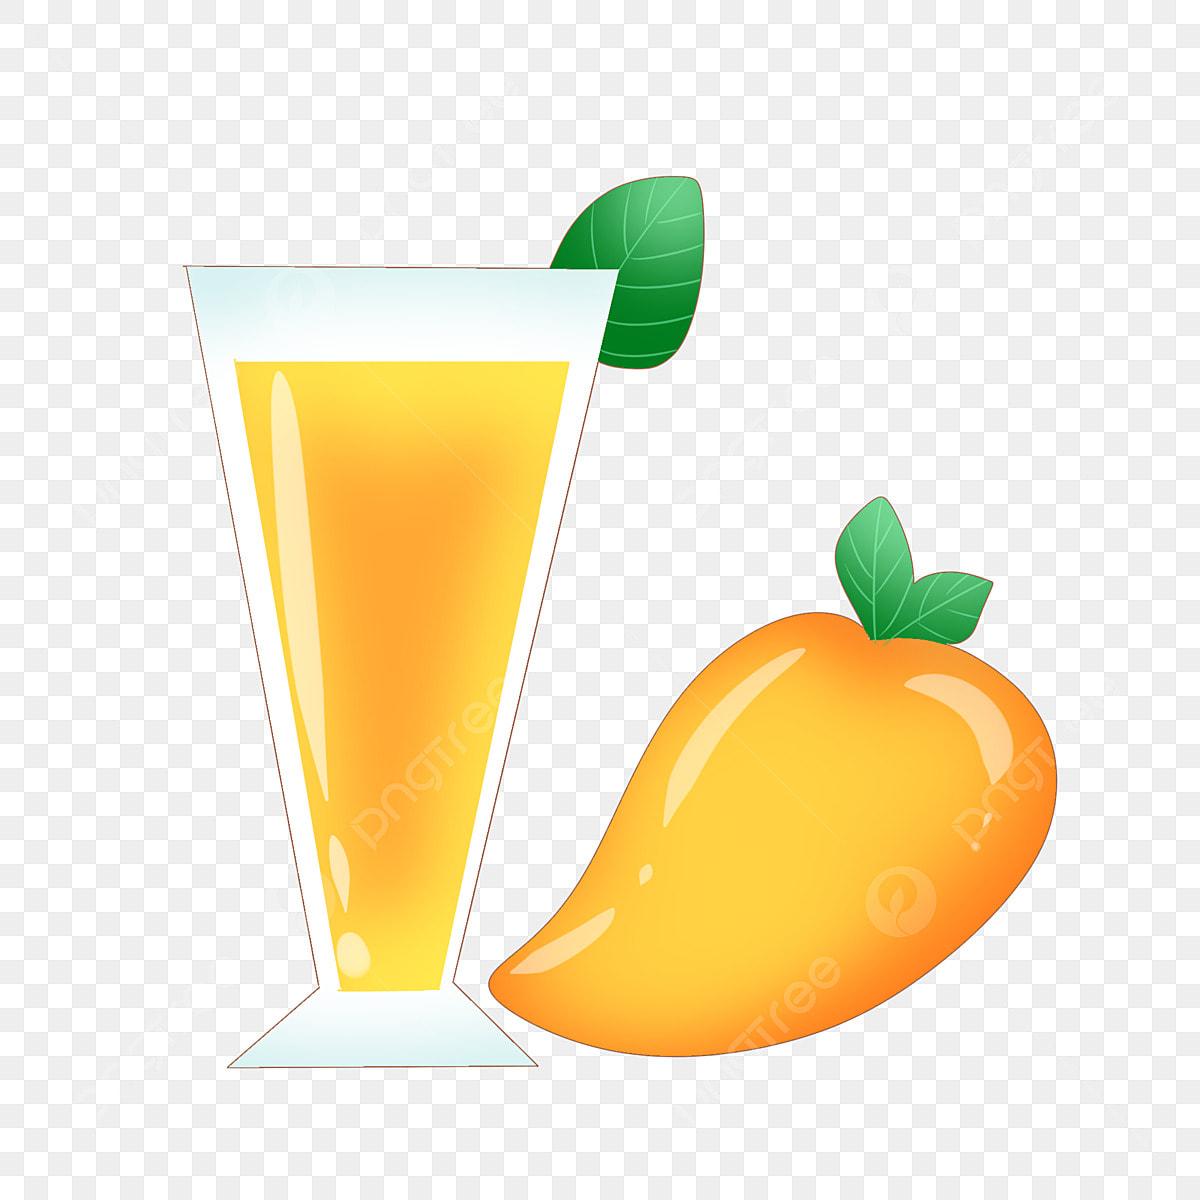 gambar kuning jus mangga mangga segelas kuning jus mangga mangga png dan psd untuk muat turun percuma https ms pngtree com freepng a glass of mango juice illustration 4757110 html